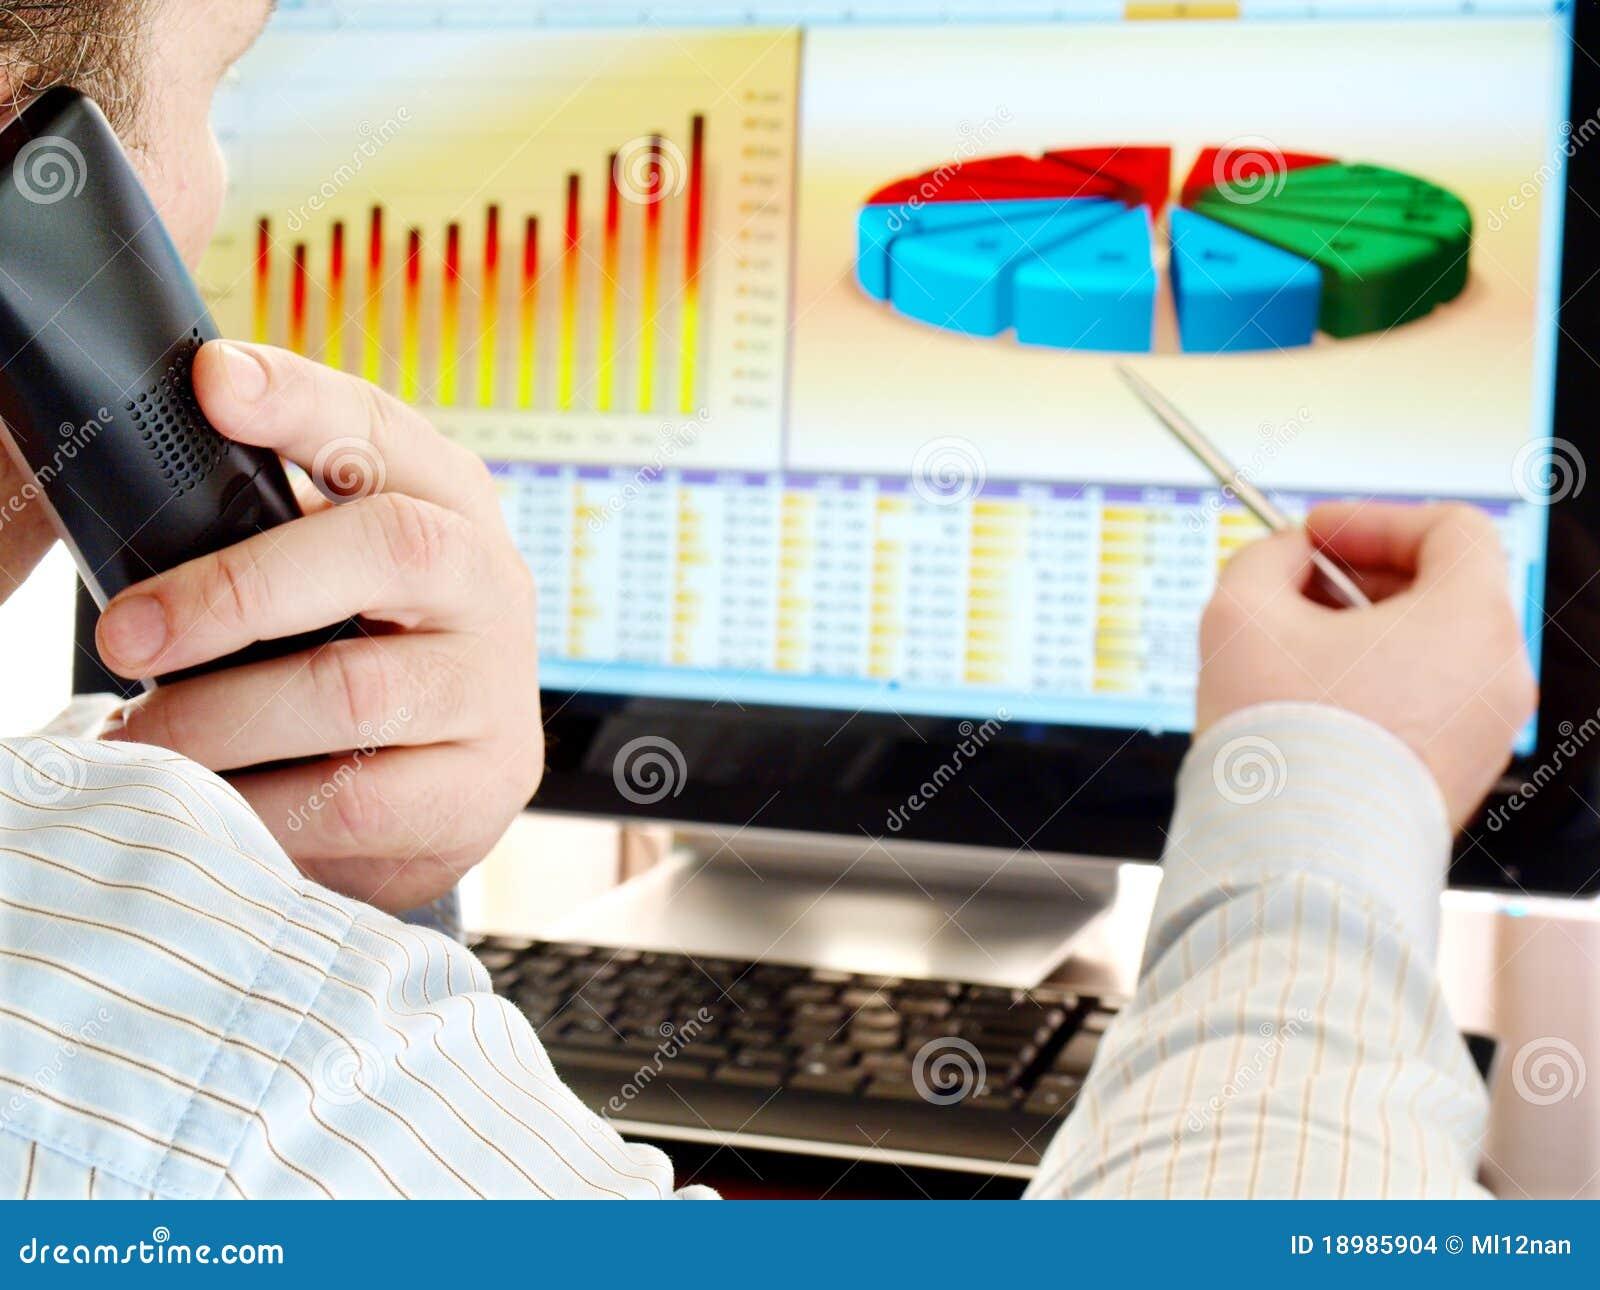 Analisando dados no computador.